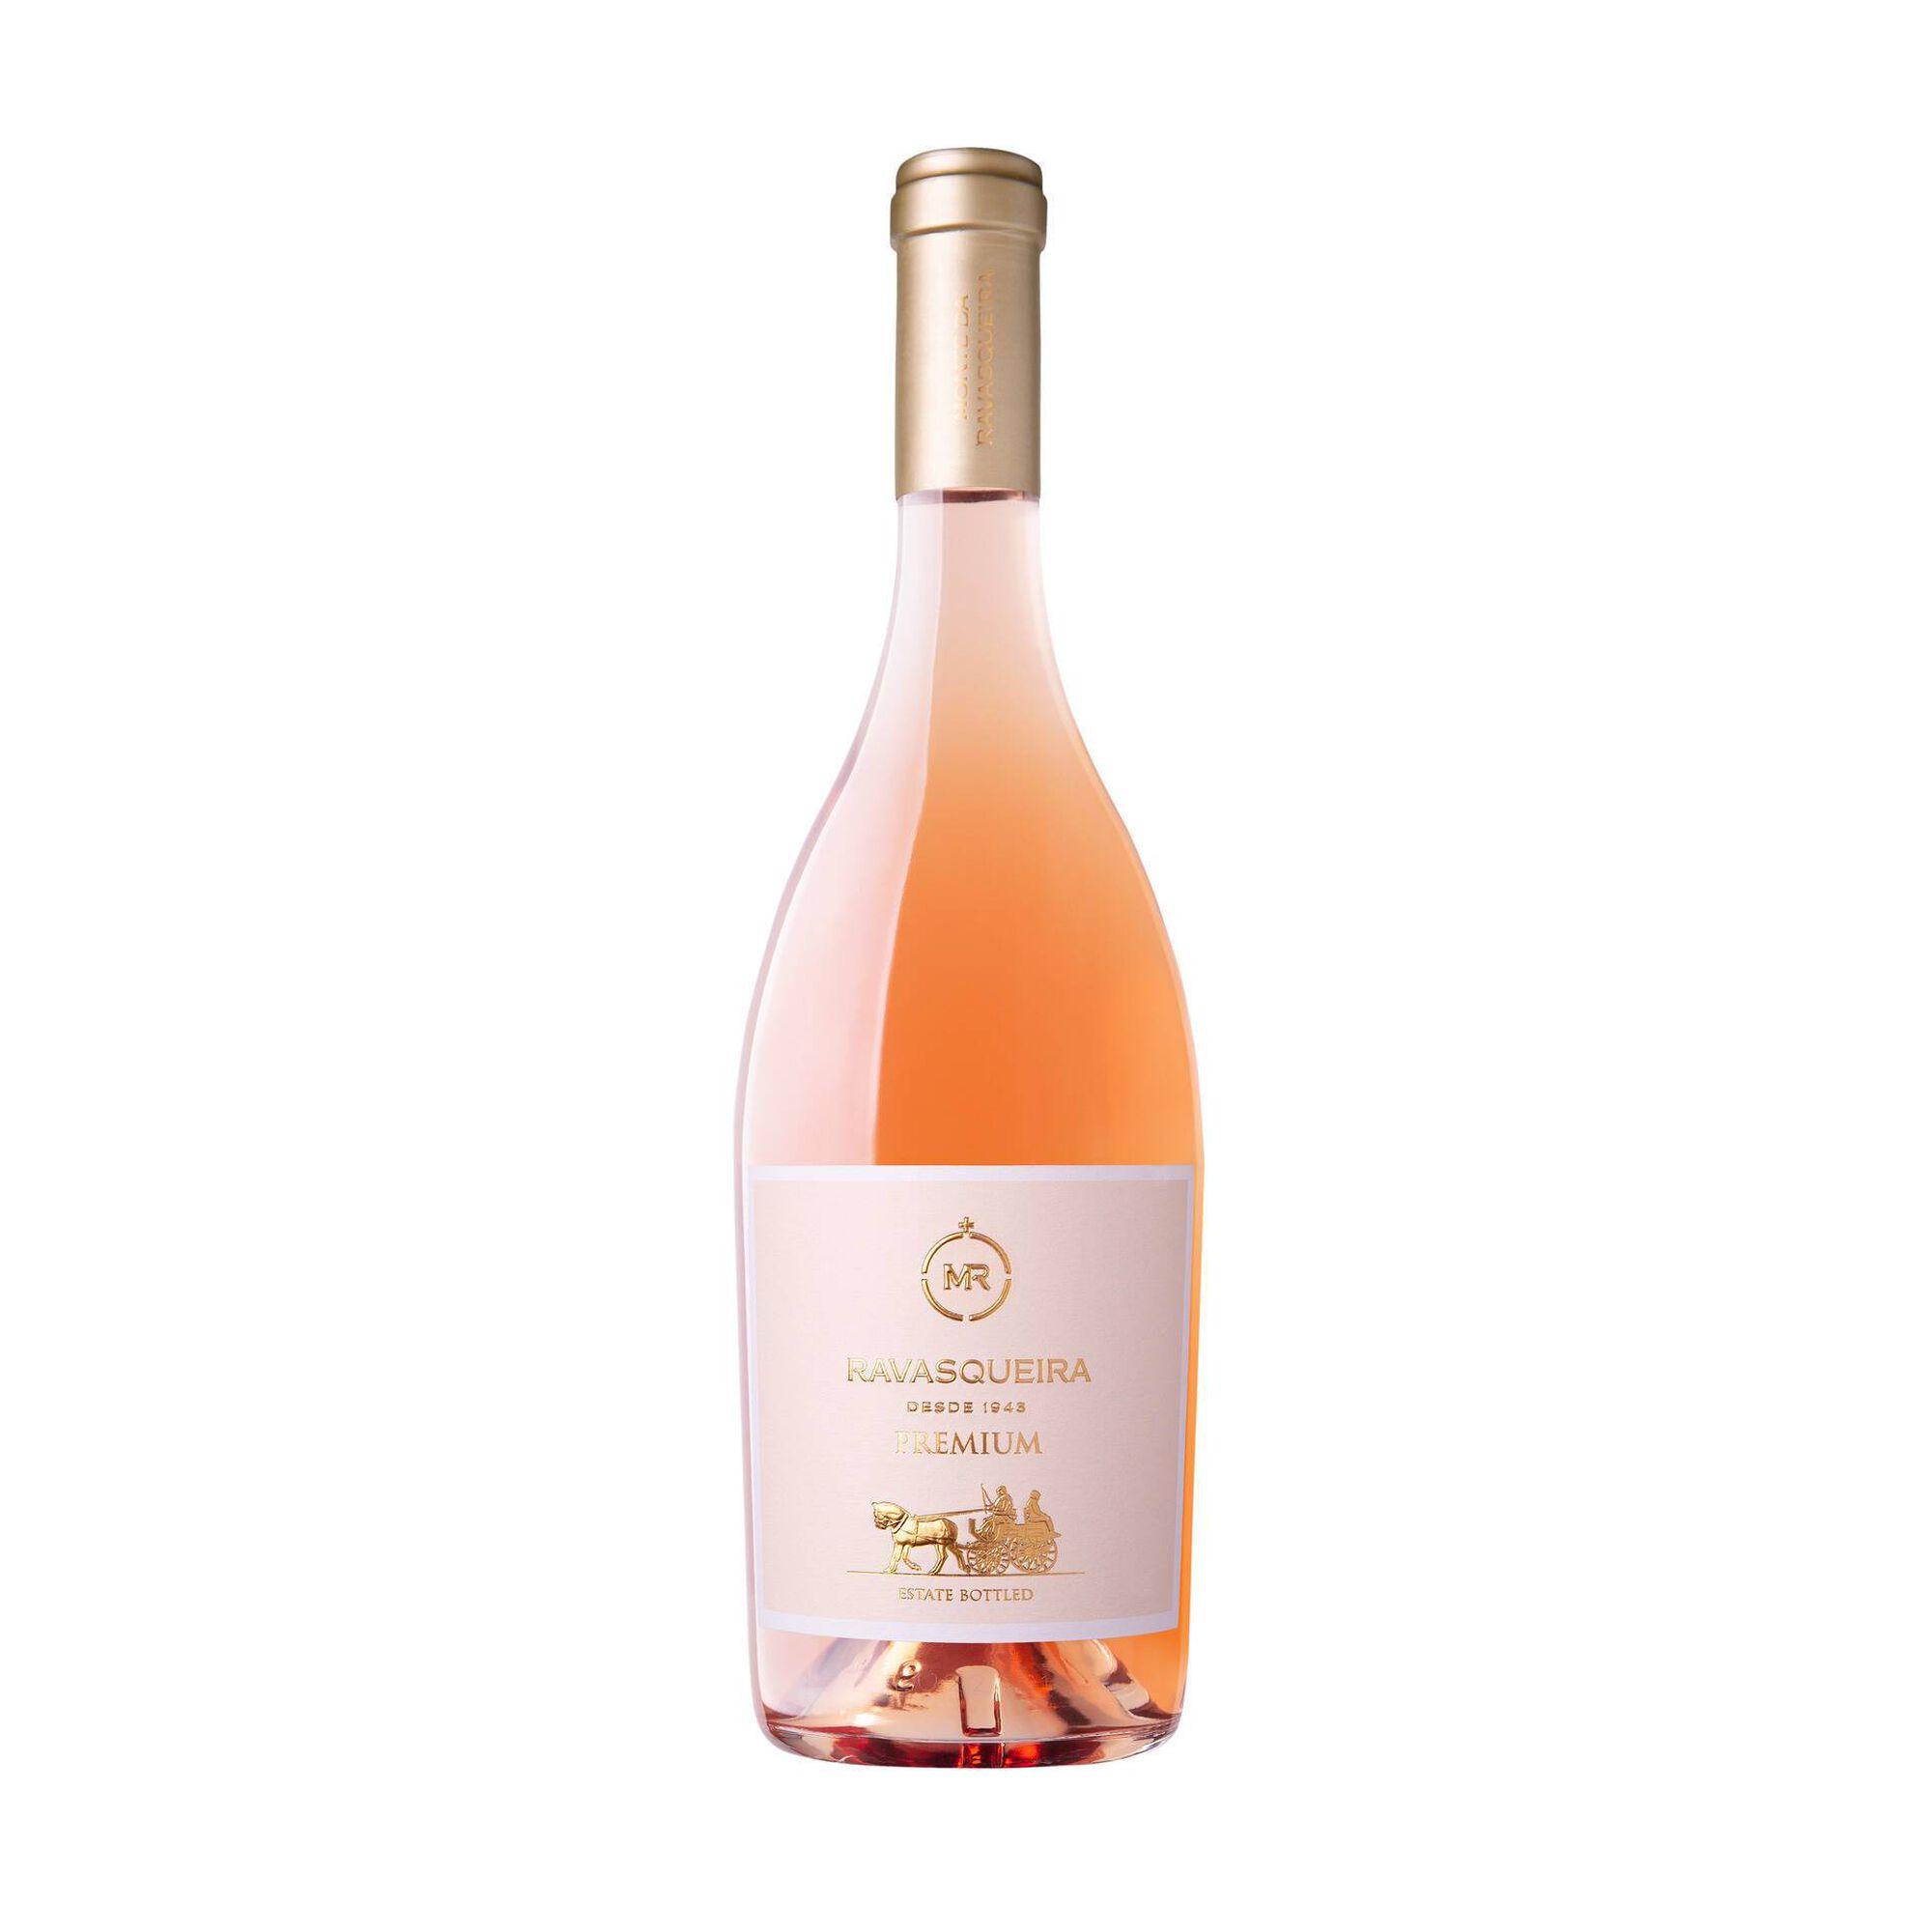 Monte da Ravasqueira Premium Regional Alentejano Vinho Rosé